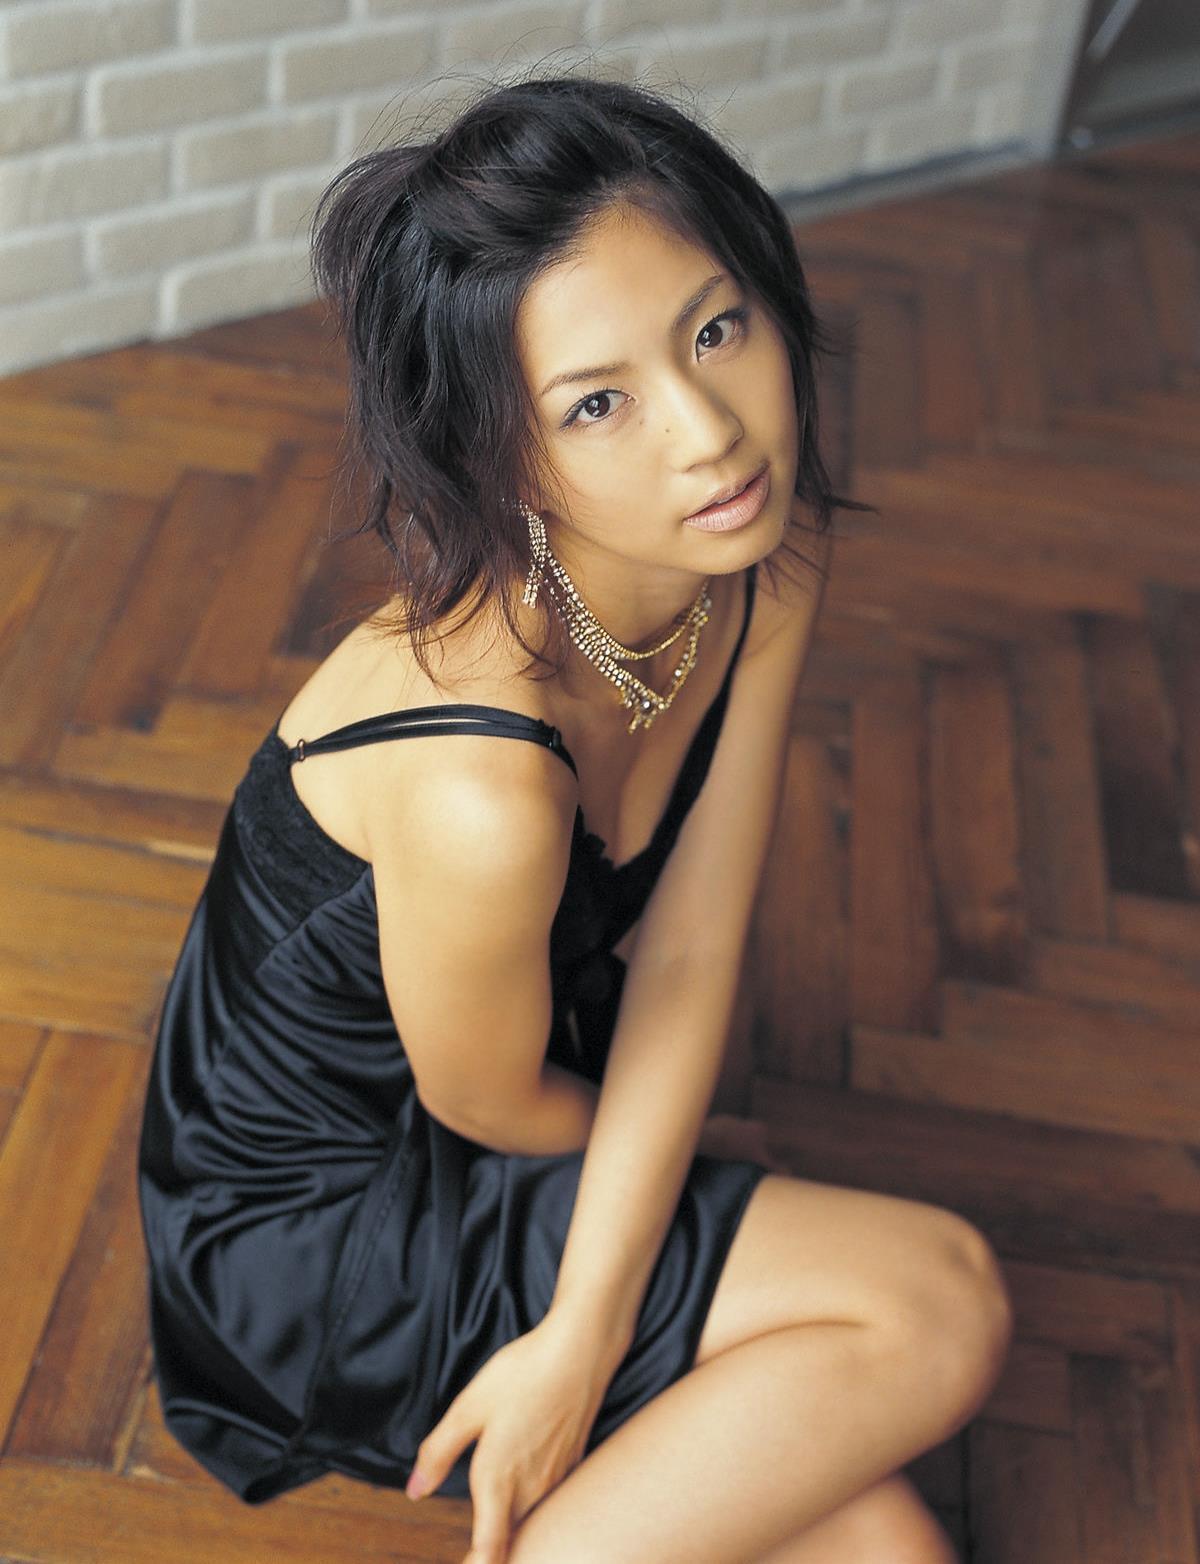 安田美沙子 画像 31